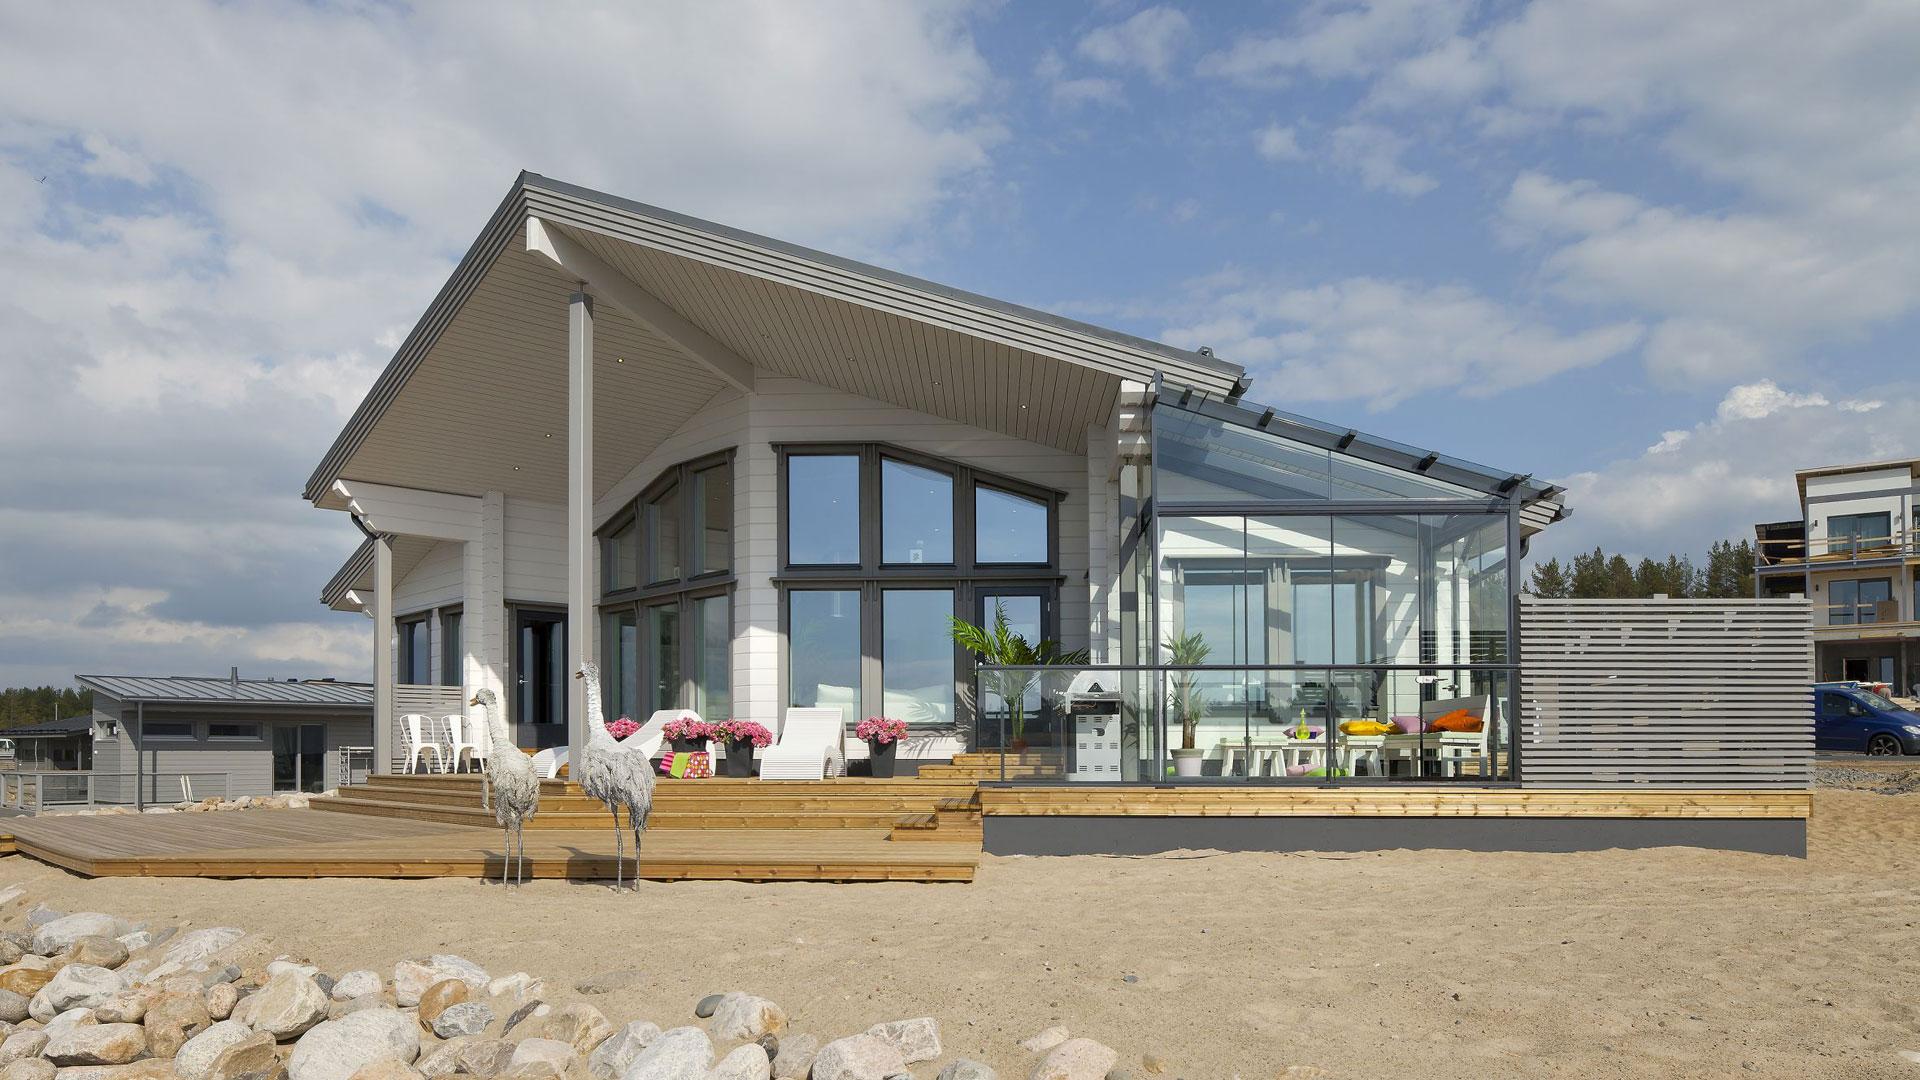 Kalajoella Nuuna-lomatalon sauna on sijoitettu rakennuksen oikeaan etukulmaan, josta matkaa uimaan on vain 10 m. Ulkona oleskeluun on myös panostettu; terassipinta-alaa on 120 m2.